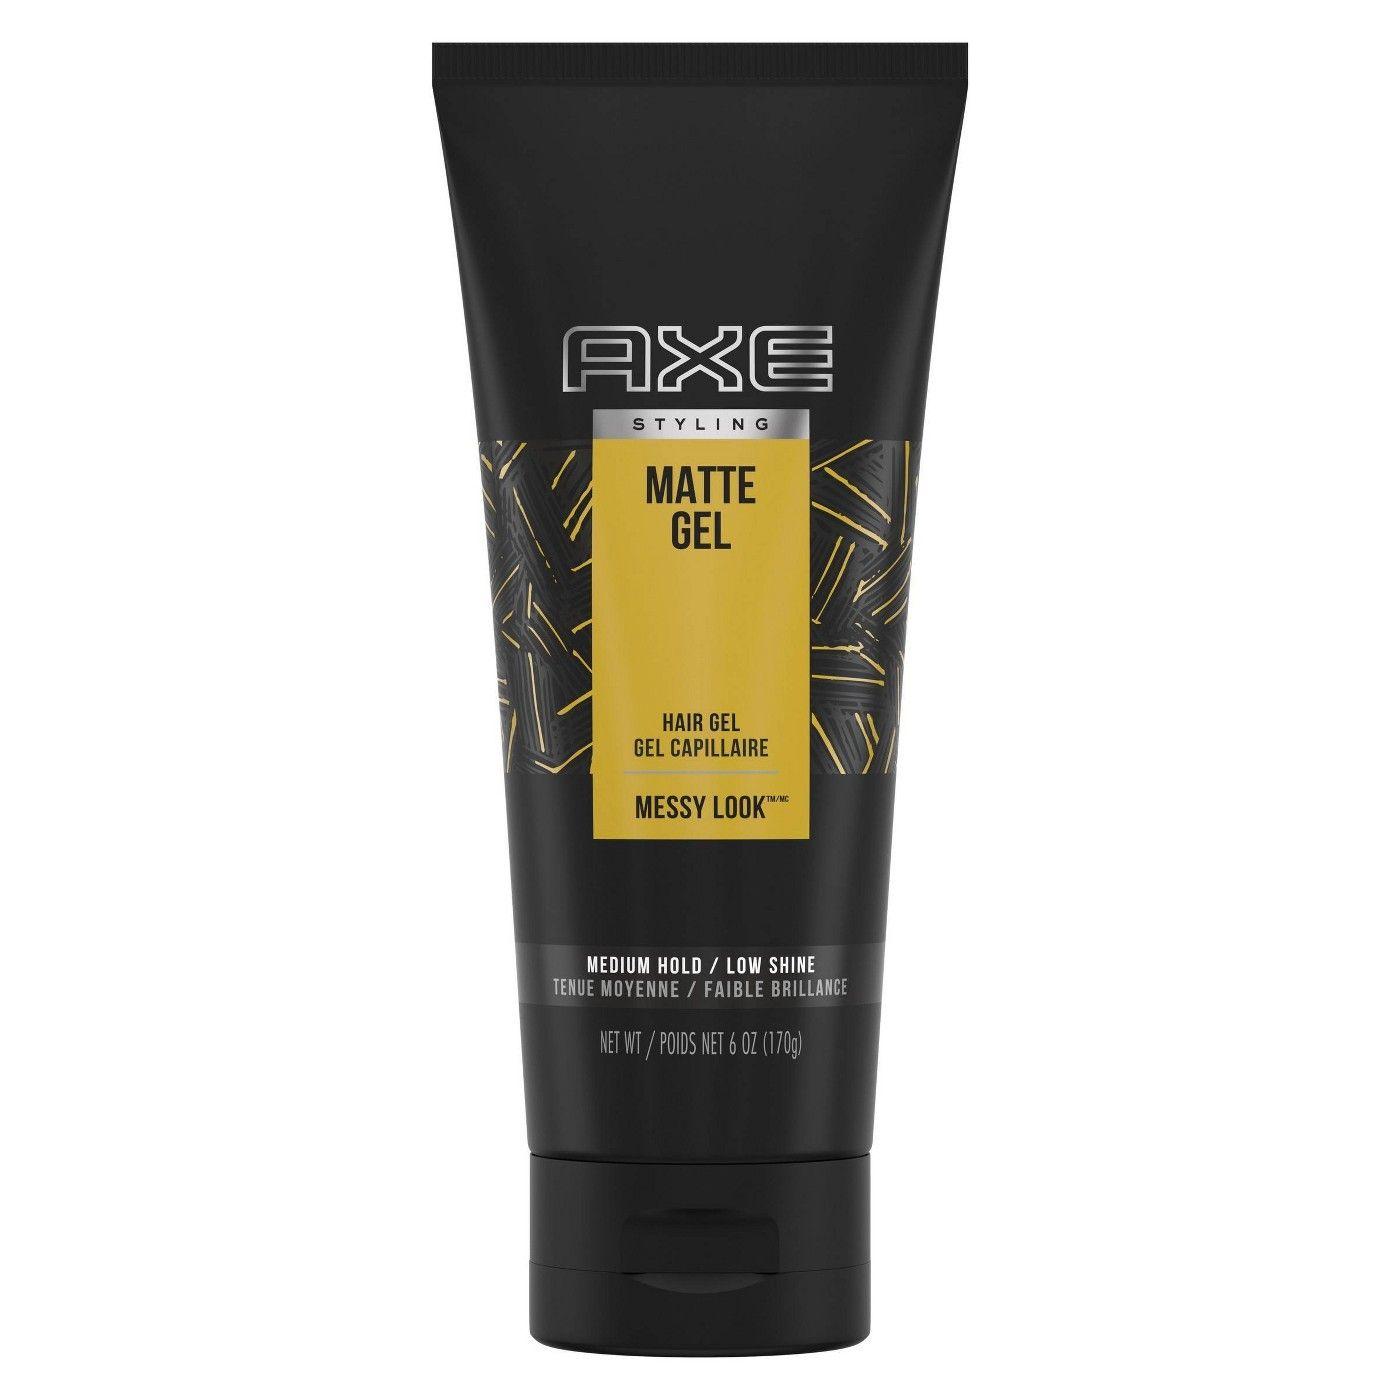 Axe Urban Messy Look Matte Hair Gel 6oz Hair Gel Matte Gel Hair Gel For Men